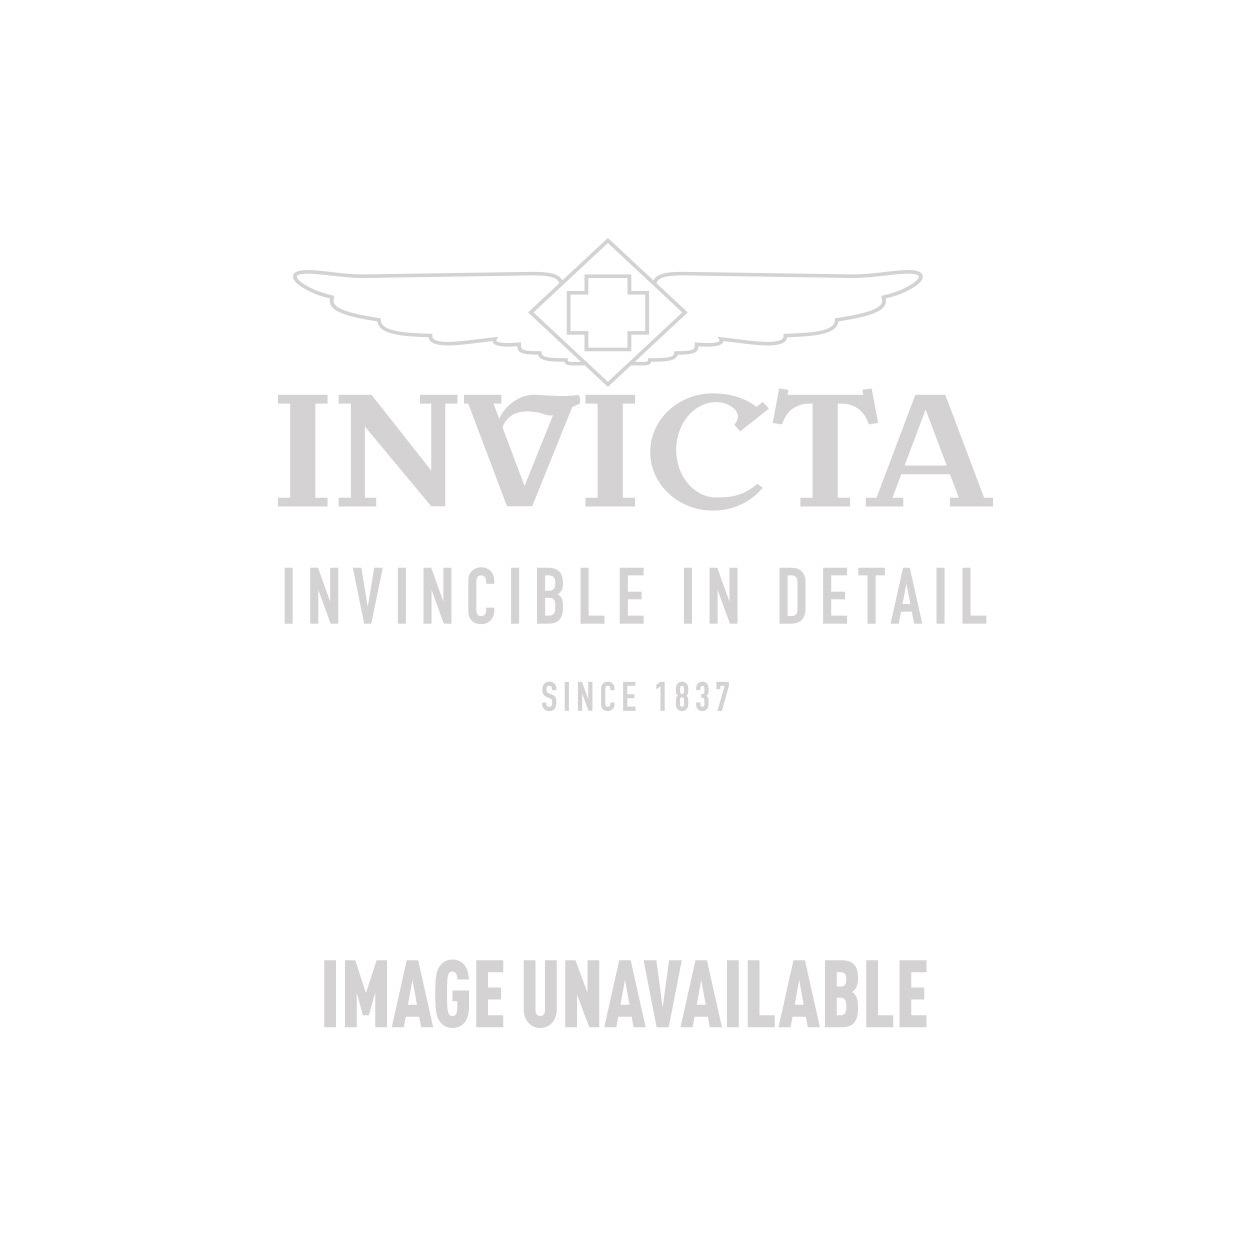 Invicta Model 28966